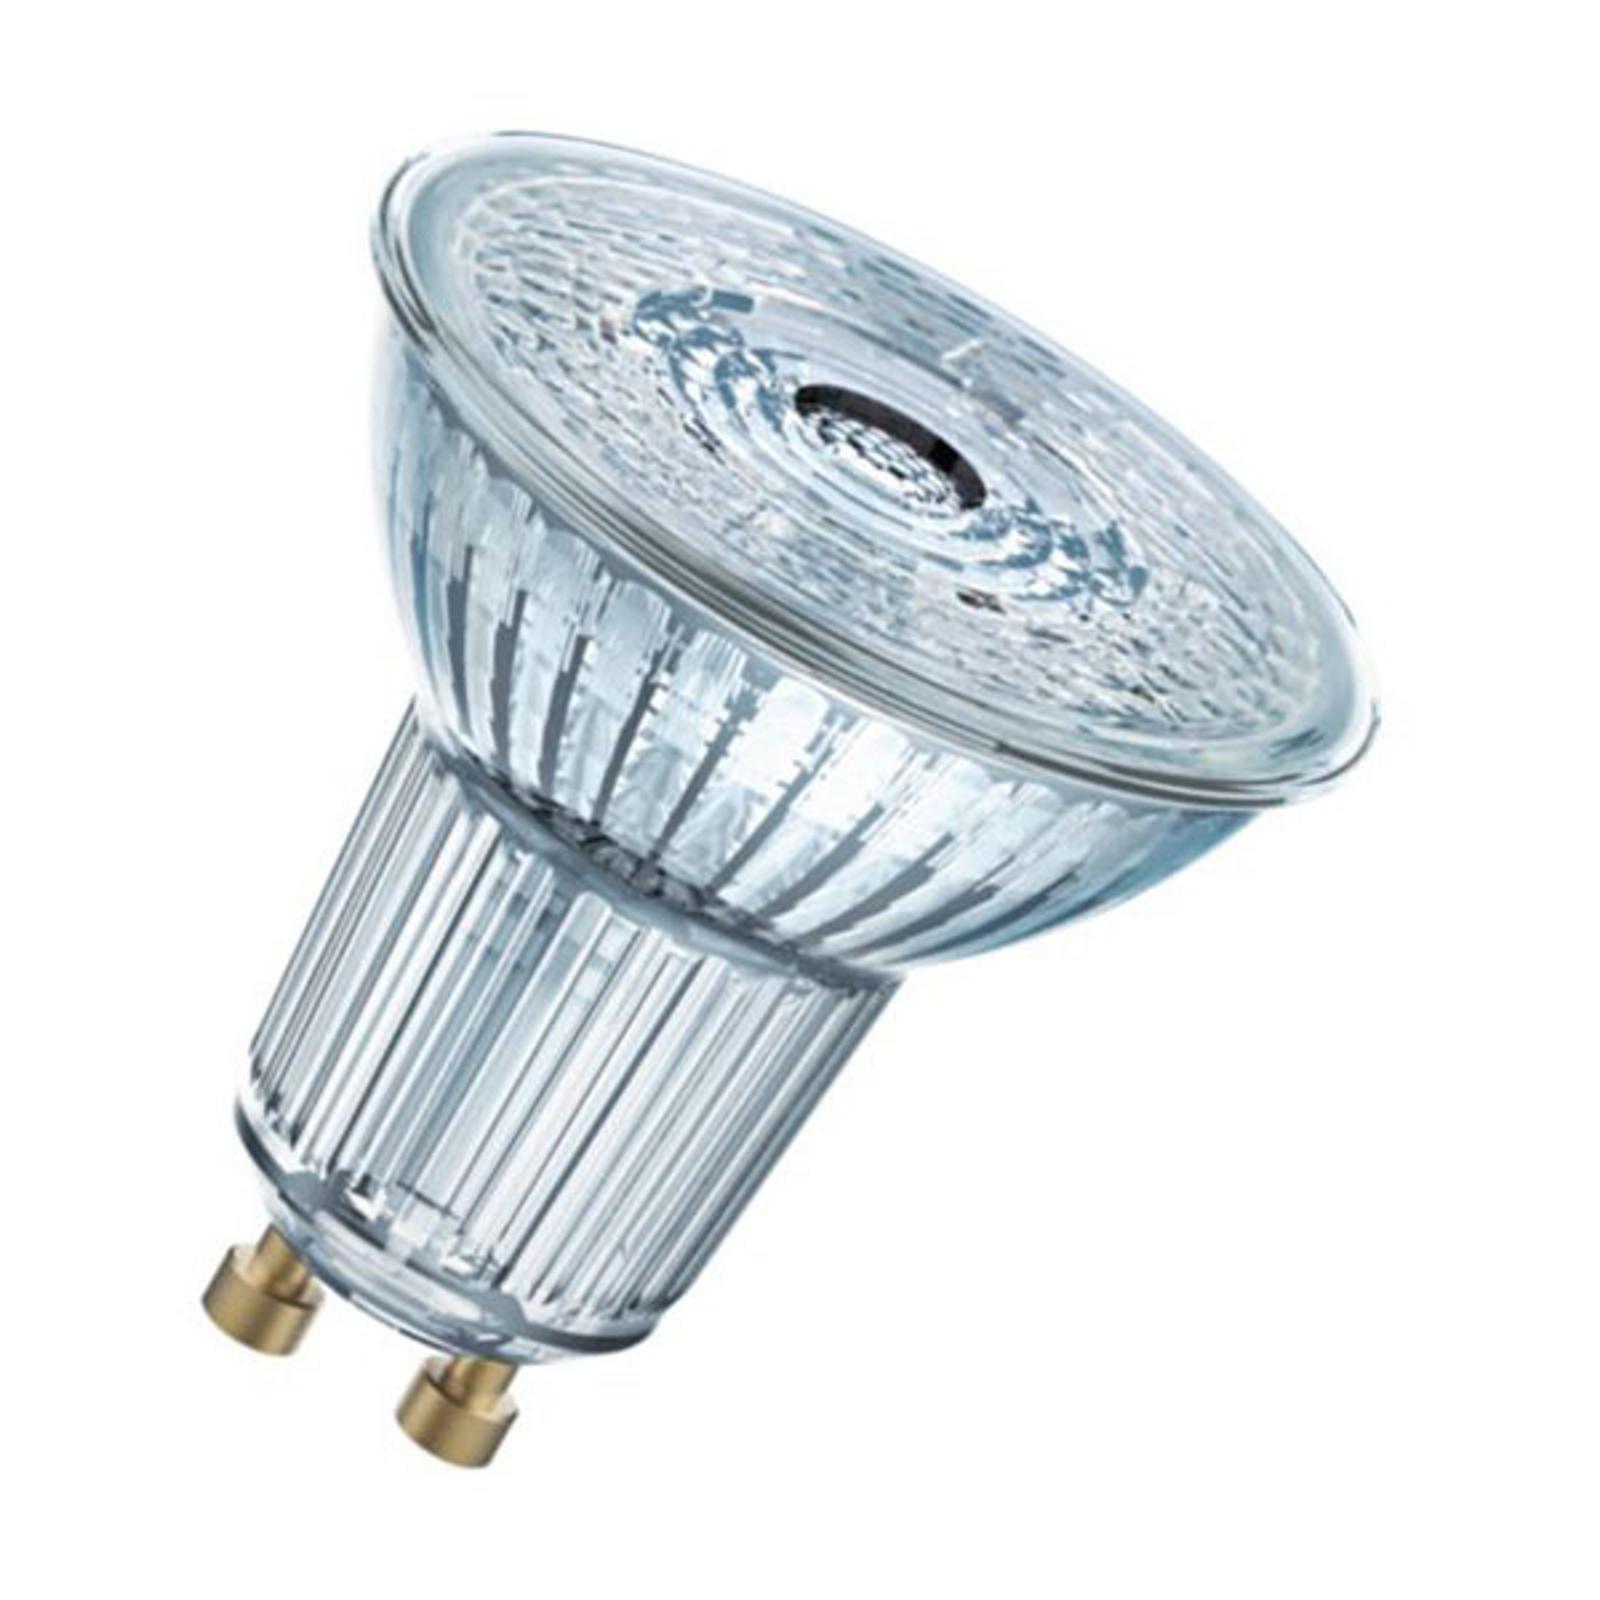 OSRAM LED-Reflektor Star GU10 4,3W warmweiß 36°